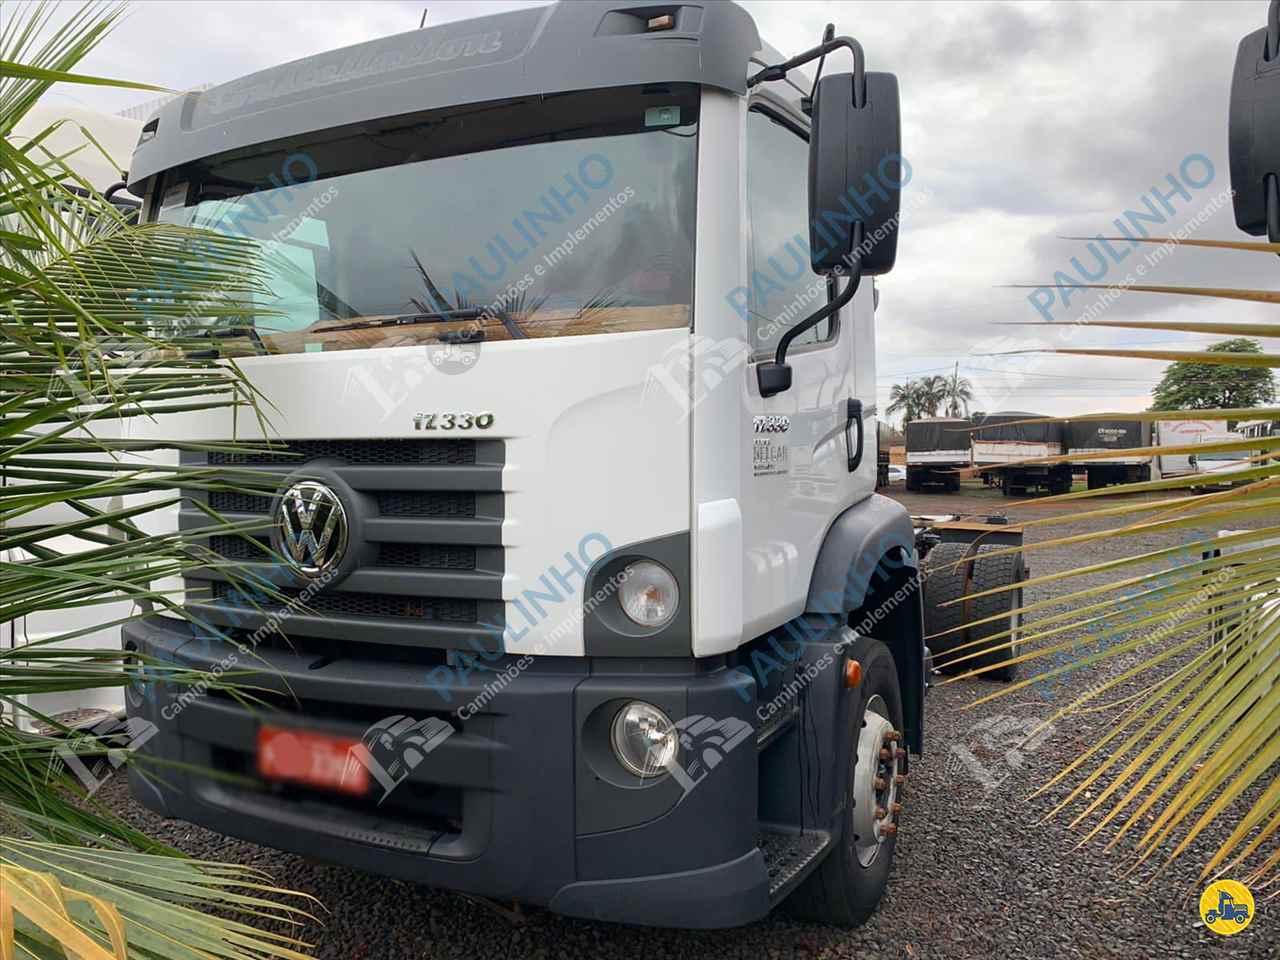 CAMINHAO VOLKSWAGEN VW 17330 Chassis Toco 4x2 Paulinho Caminhões RIO VERDE GOIAS GO